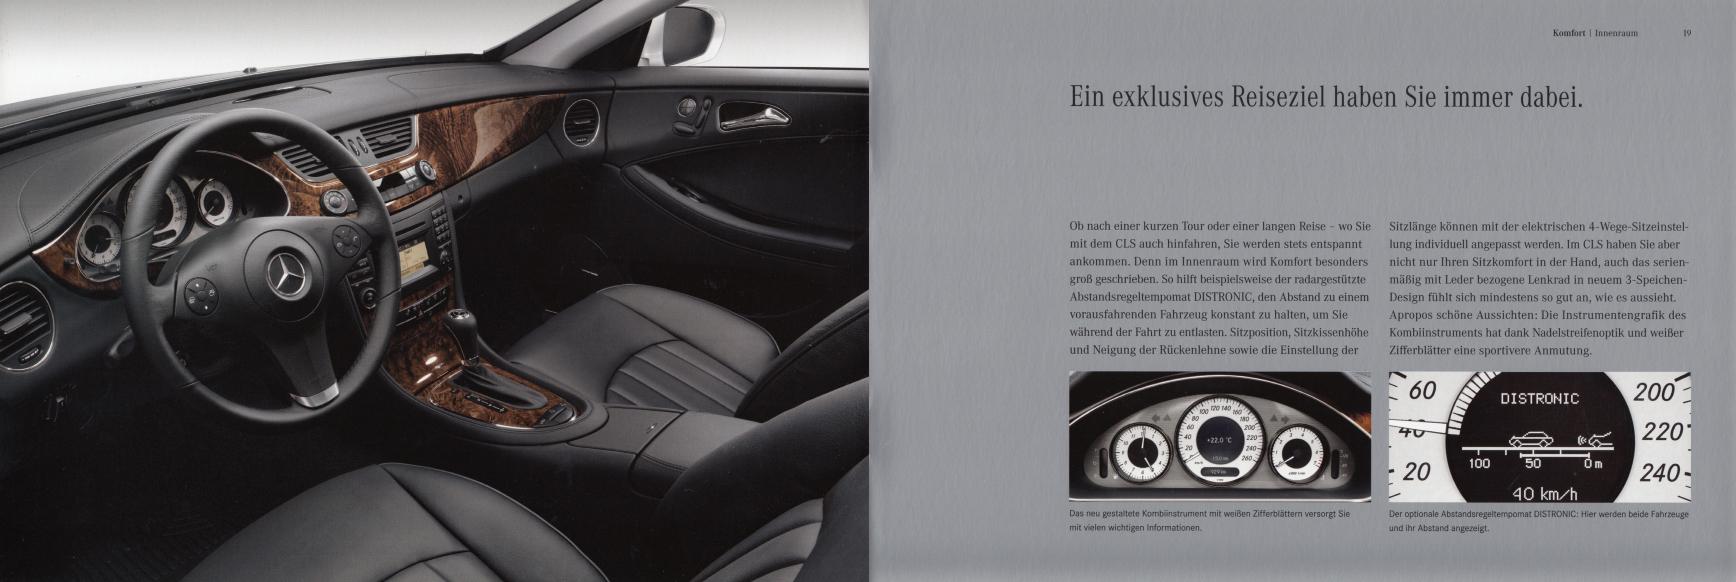 (C219): Catálogo 2008 - alemão 011